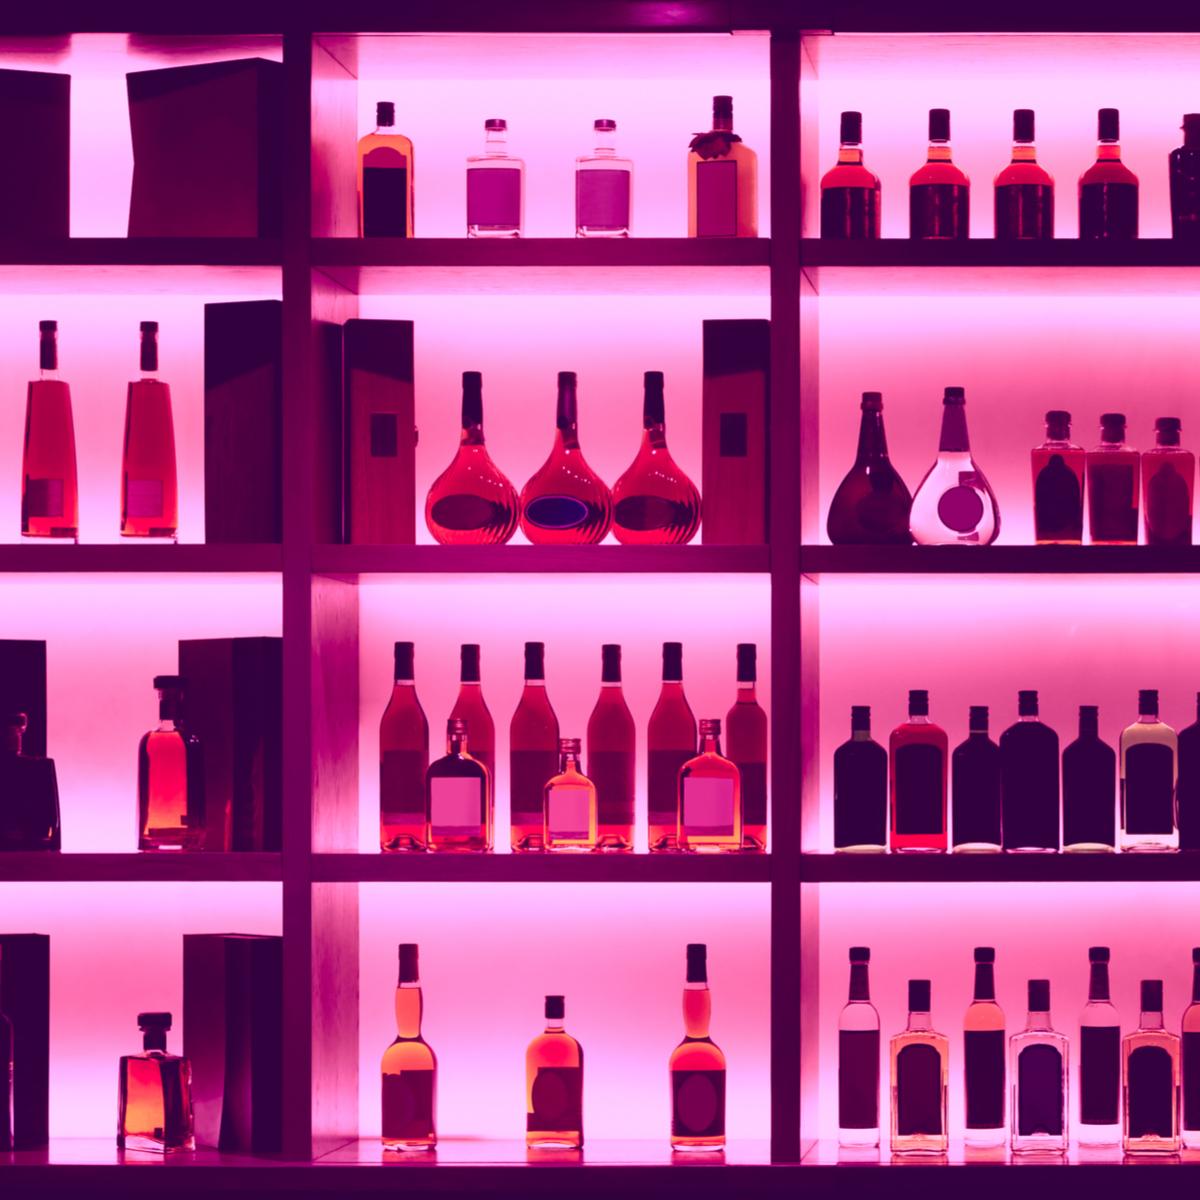 """「低カロリー」なお酒""""蒸留酒""""って?カロリー低めなアルコールあれこれ"""